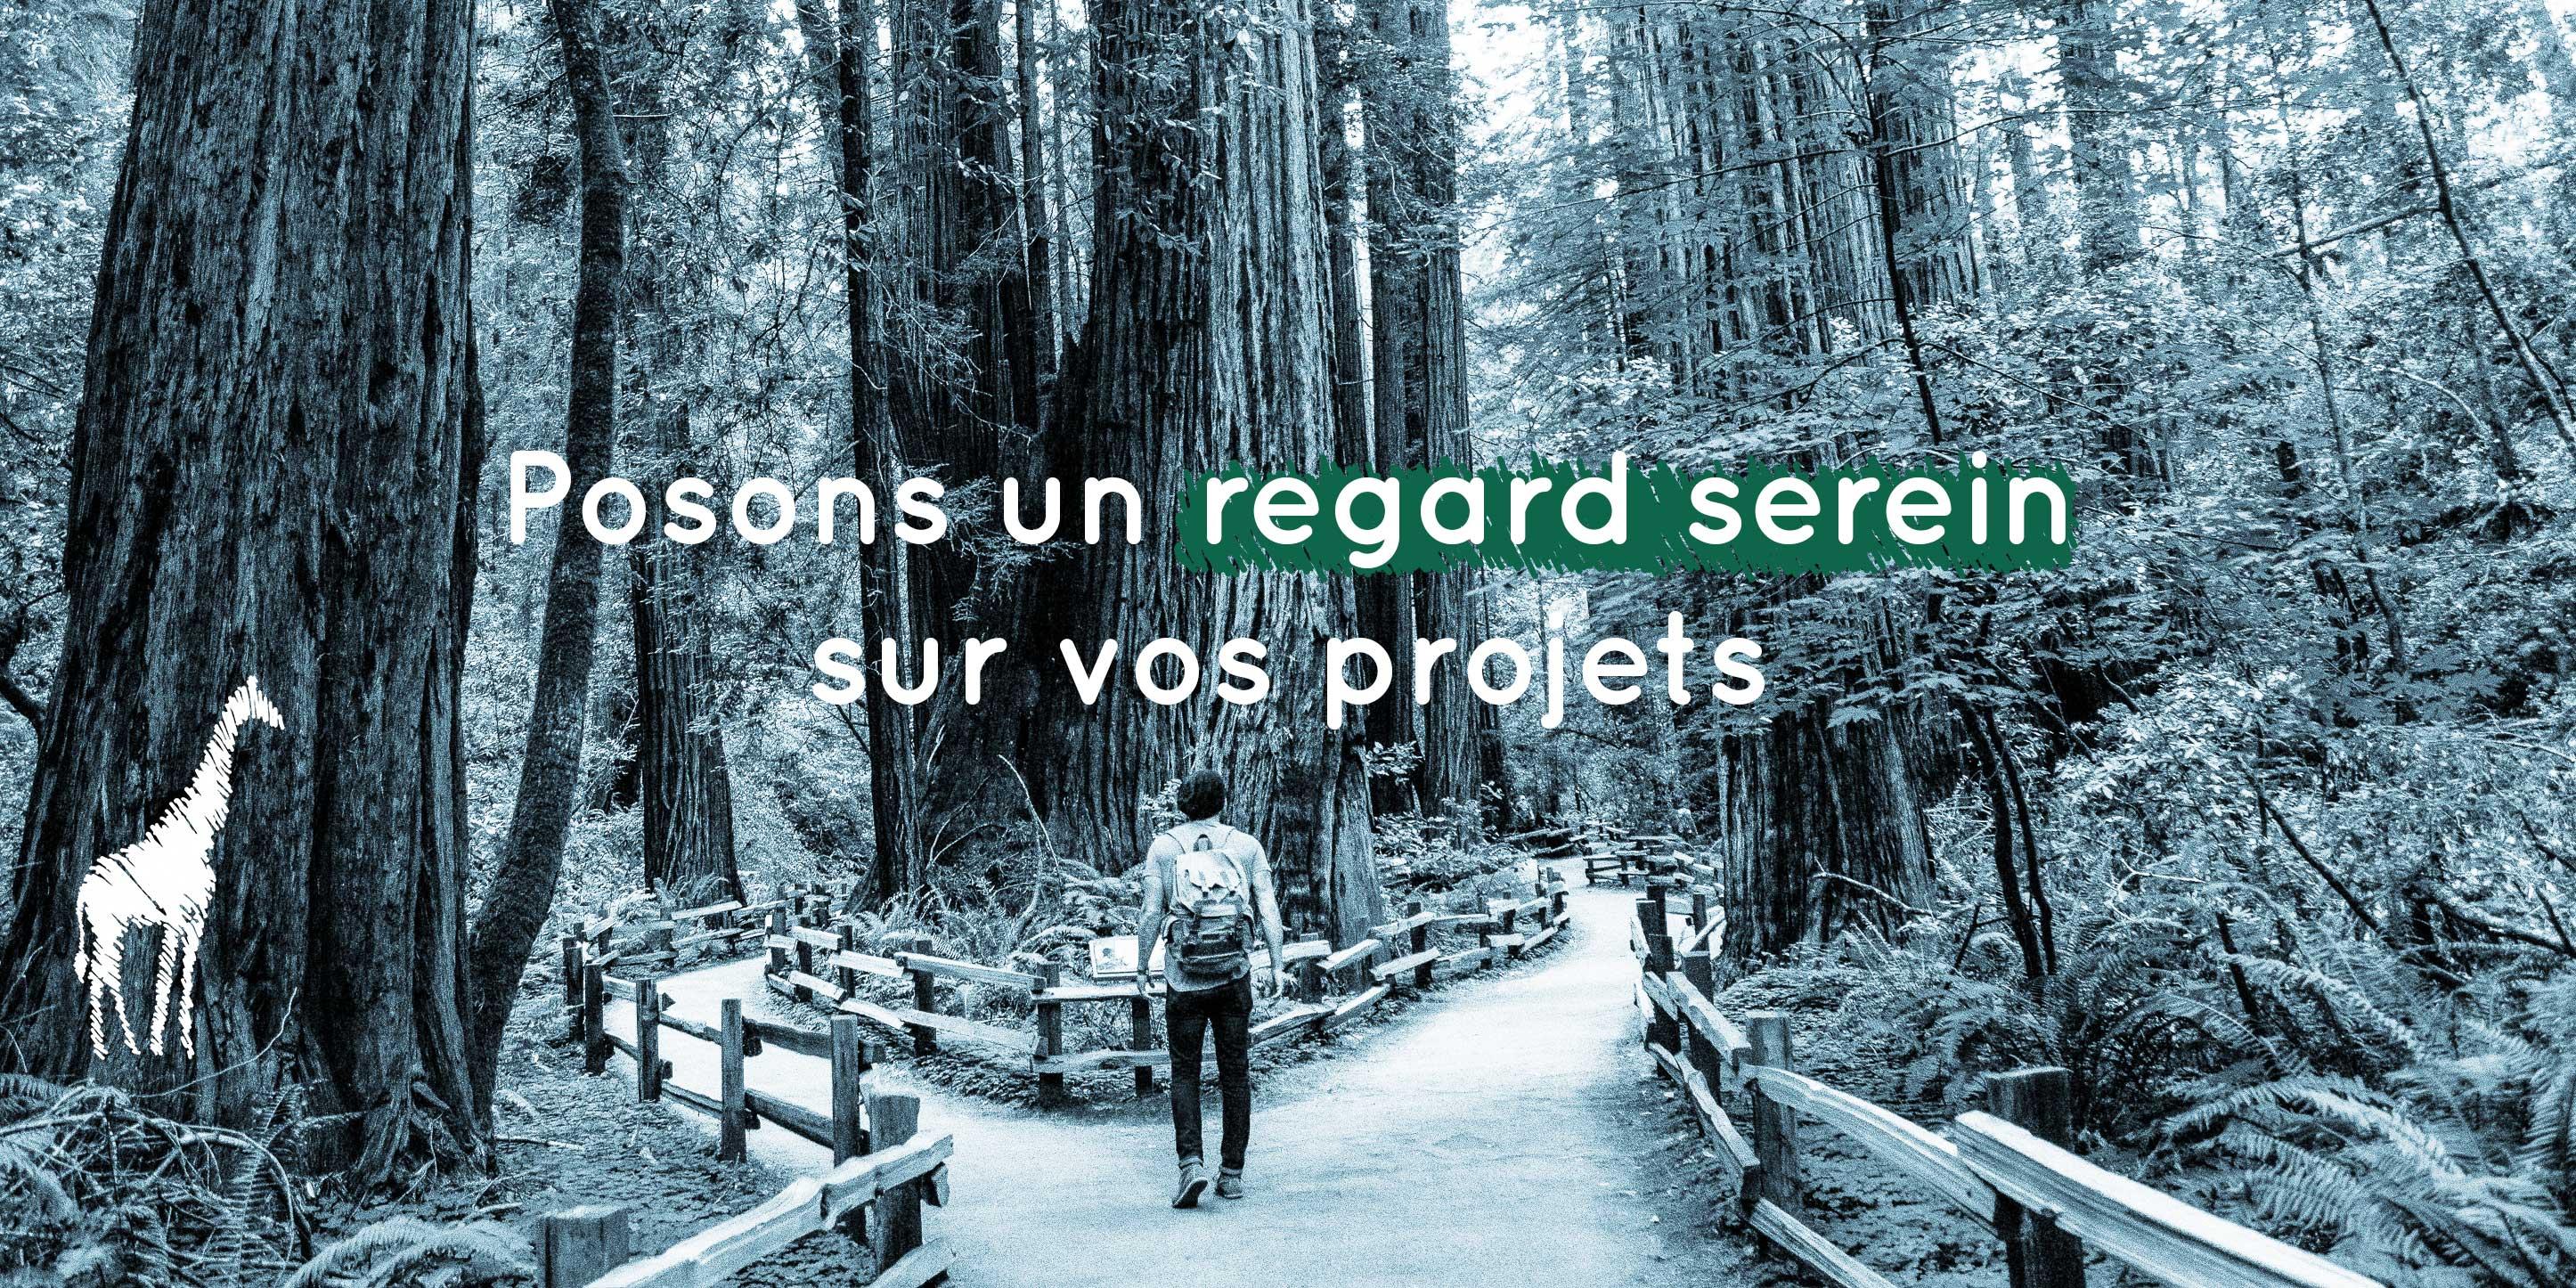 Gestion de patrimoine à Elbeuf en Seine-Maritime. A2C Vision Patrimoine propose des solutions claires et adaptées à vos projets